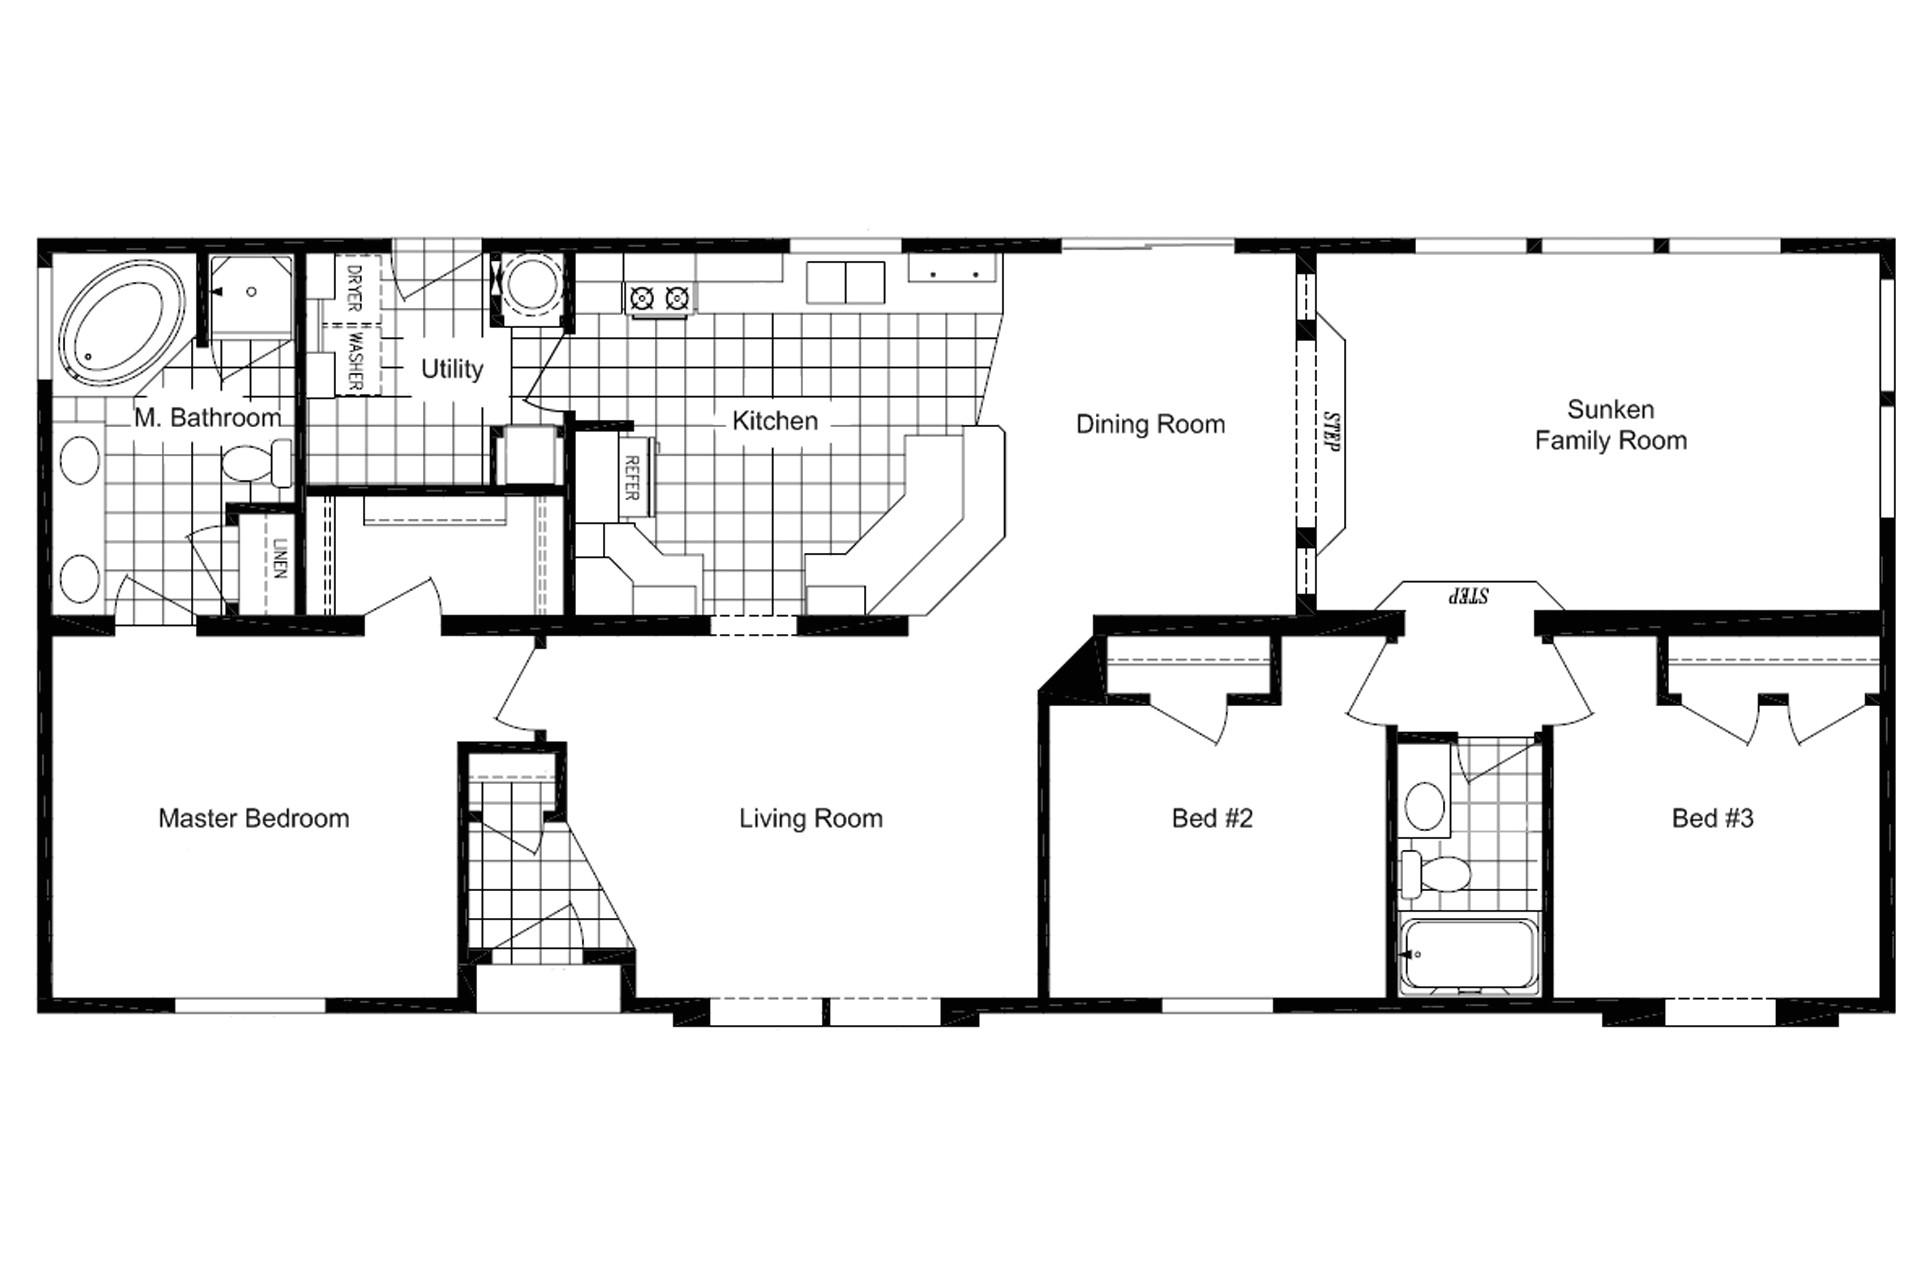 manufacturedhomefloorplan floorplan 4176 state ut city eden